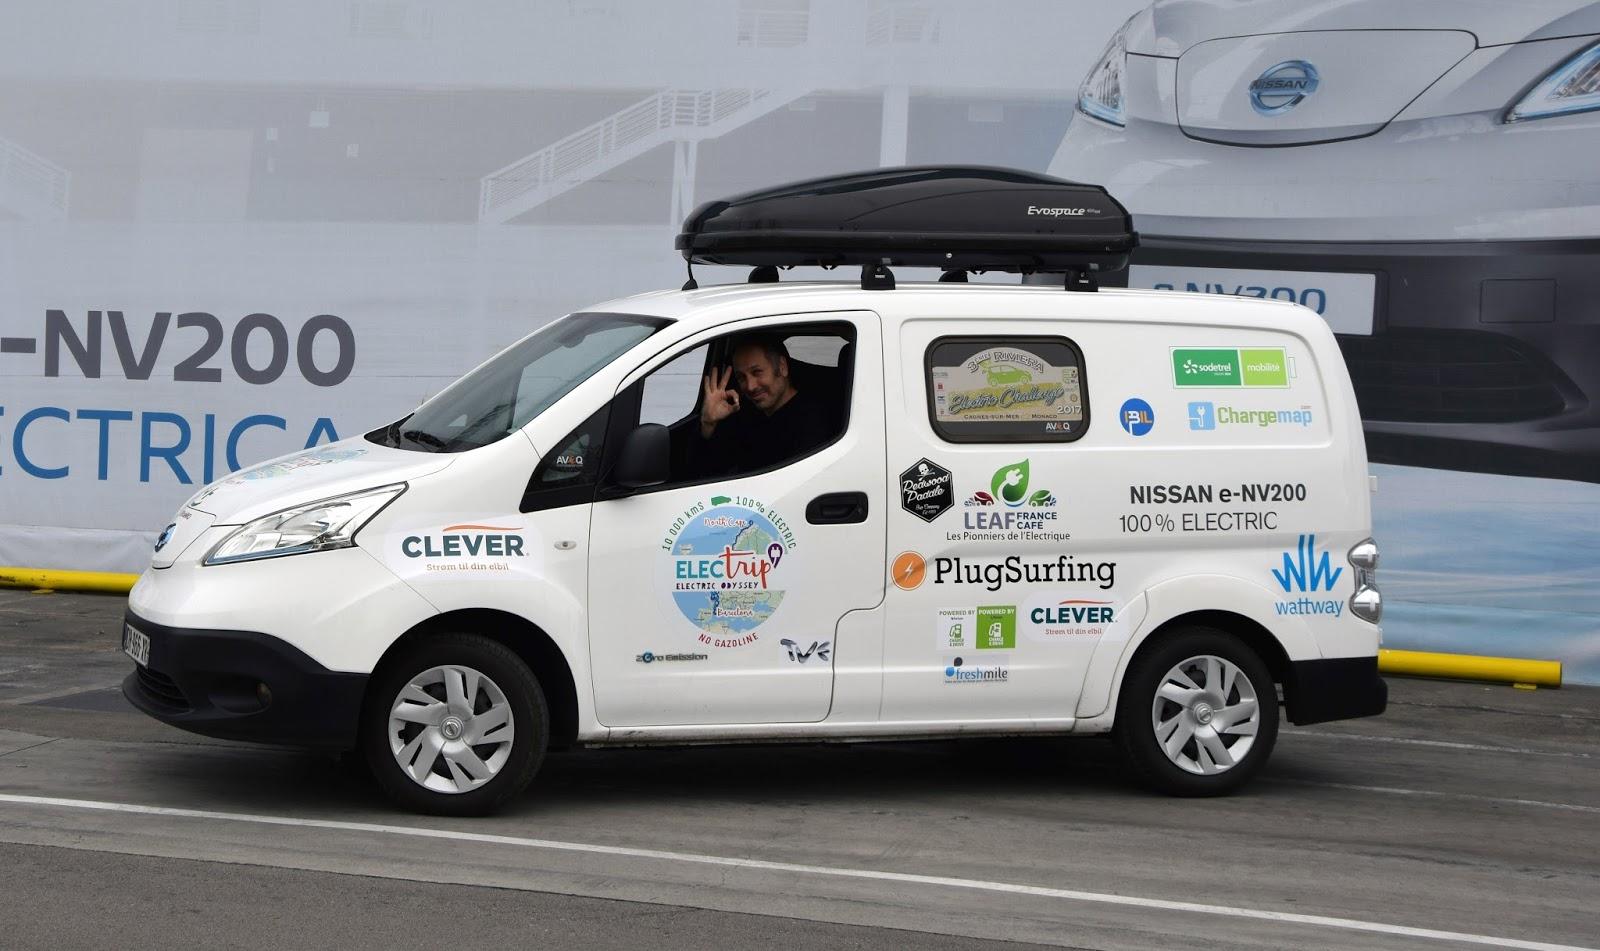 Ευρωπαϊκή περιοδεία 10.000 χιλιομέτρων για το ηλεκτροκίνητο Nissan e-NV200